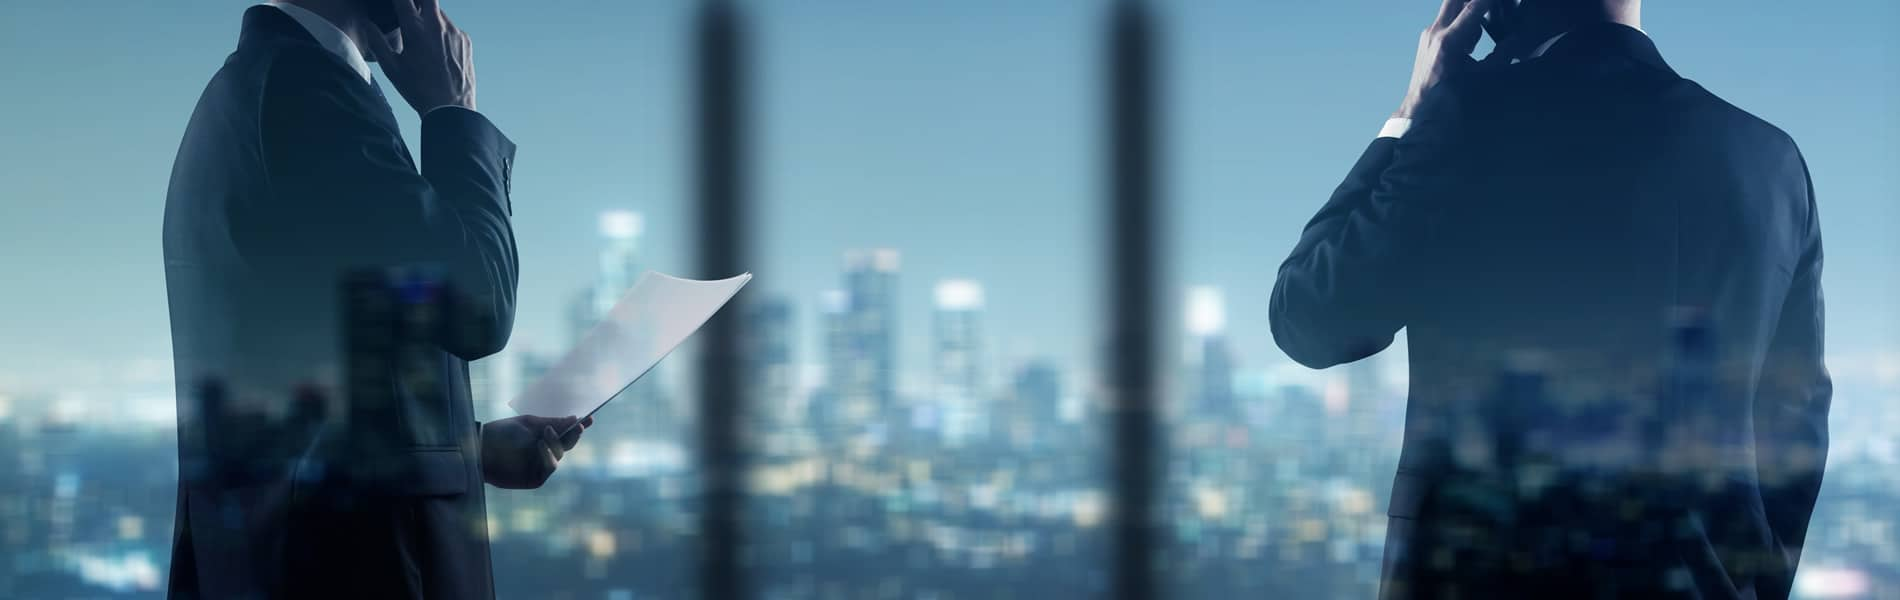 City-Window-Business-1900x600